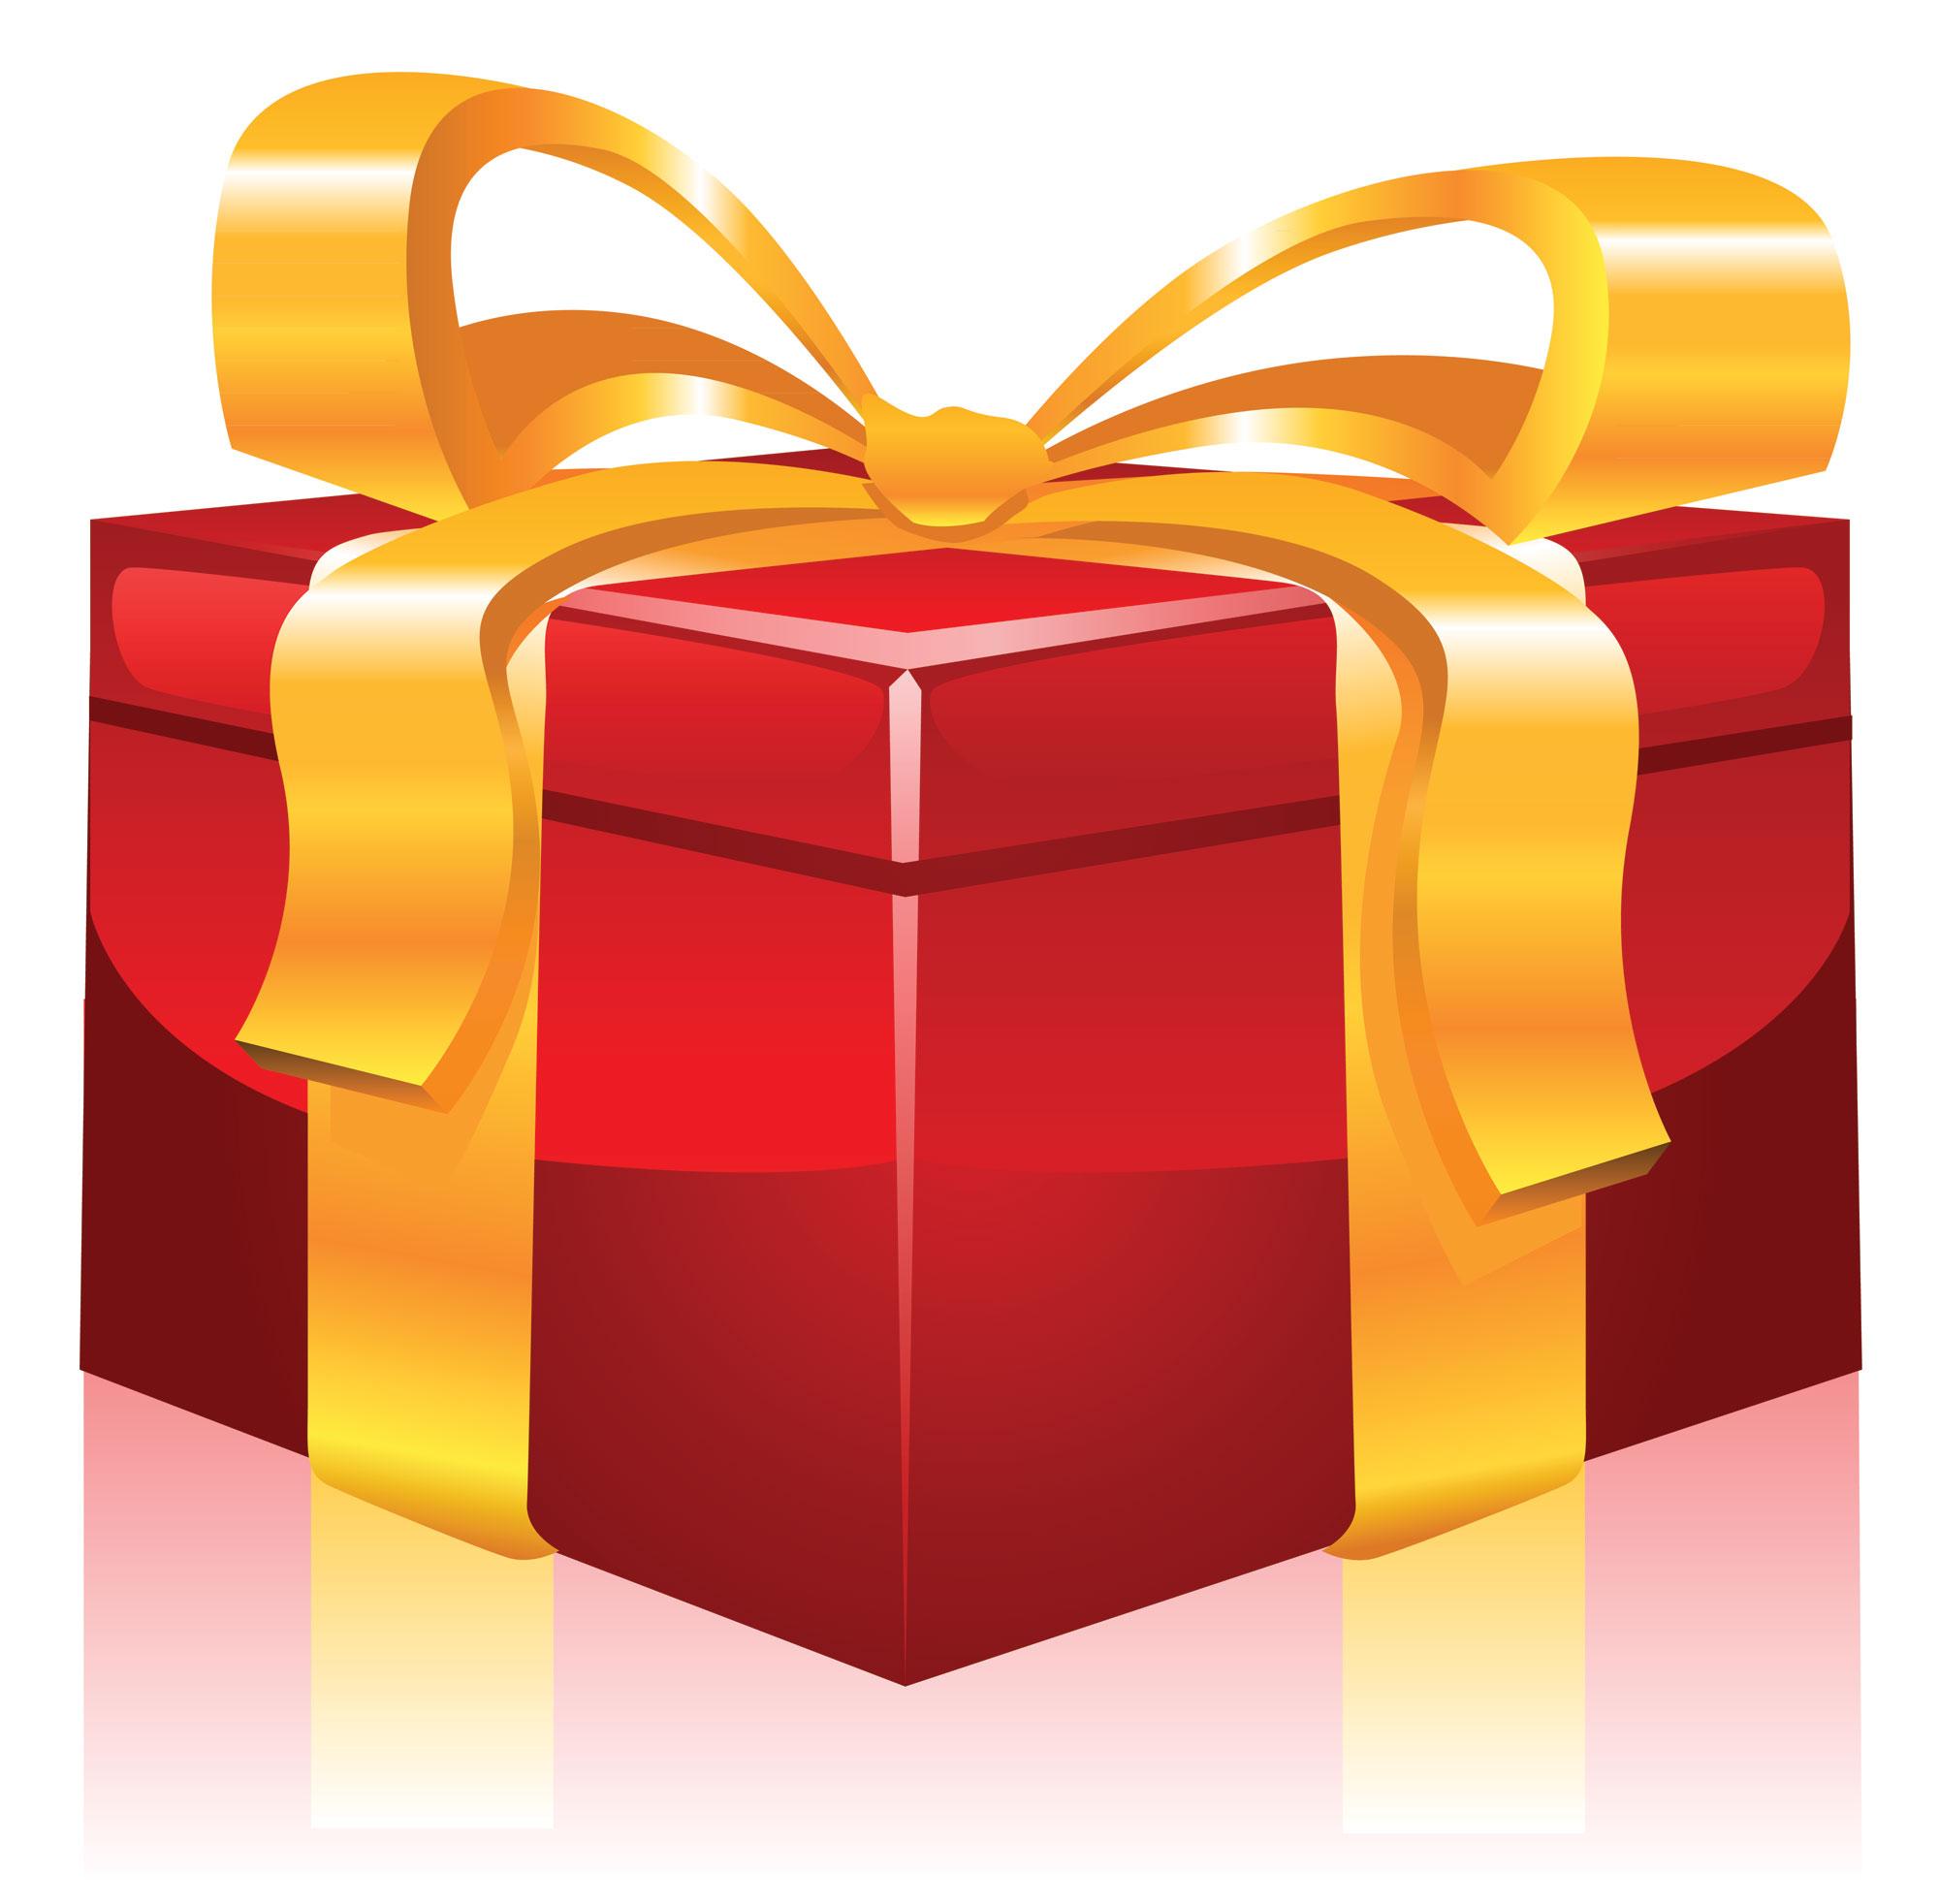 Cadeau pourquoi est ce qu 39 on en offre id e cadeau - Vente cadeau de noel ...